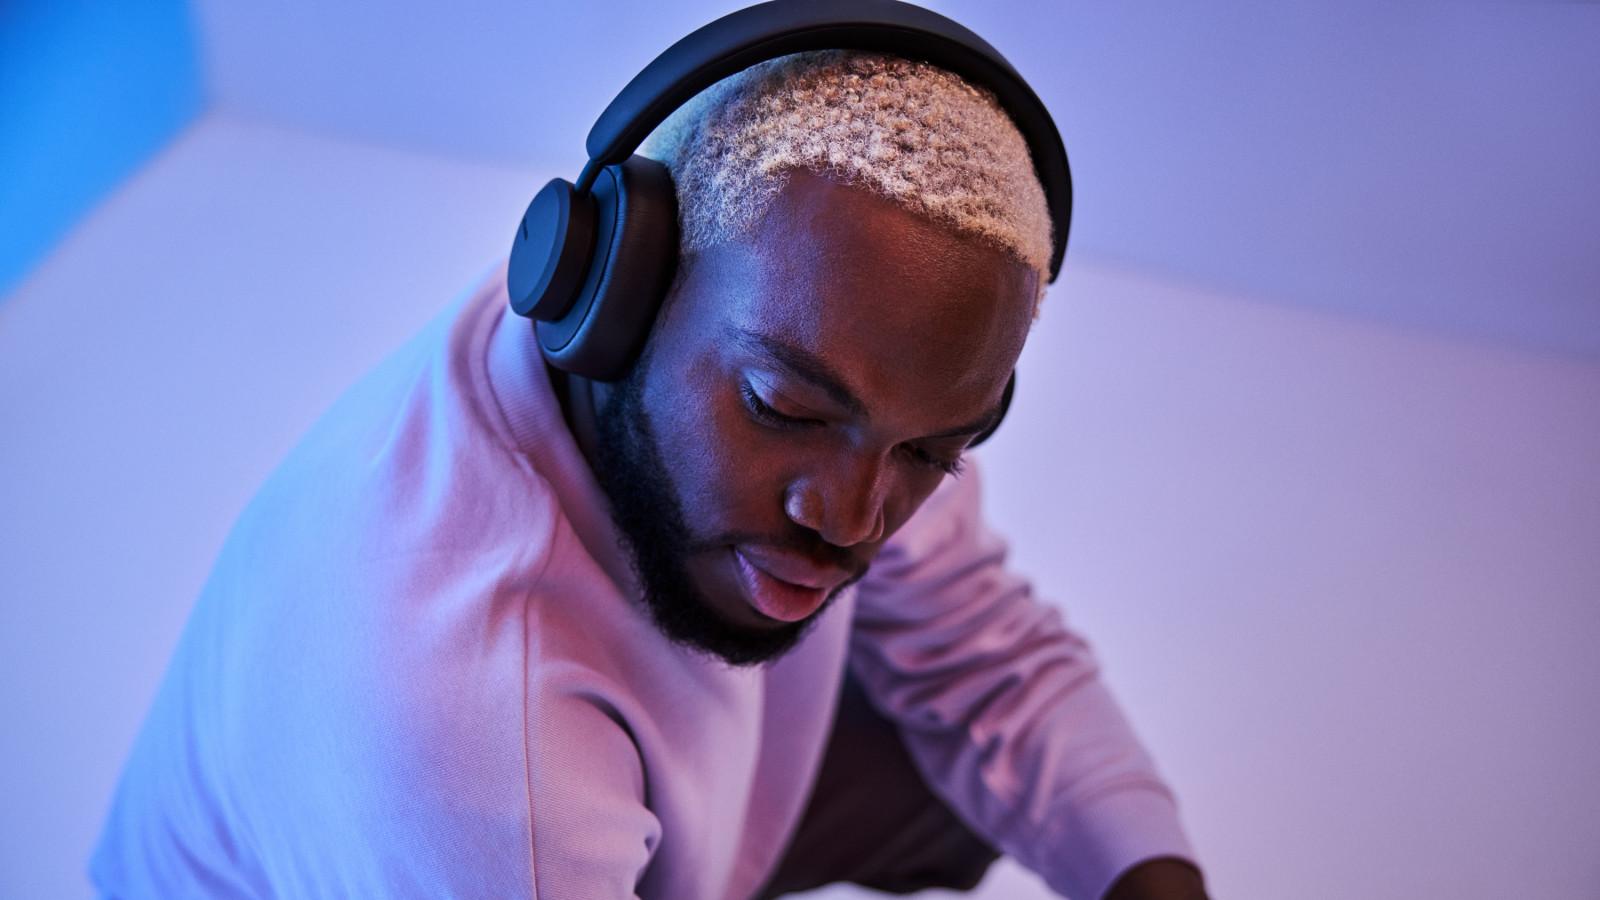 Die Urbanista Miami On-Ear-Kopfhörer sind etwas für preisbewusste Musikliebhaber.